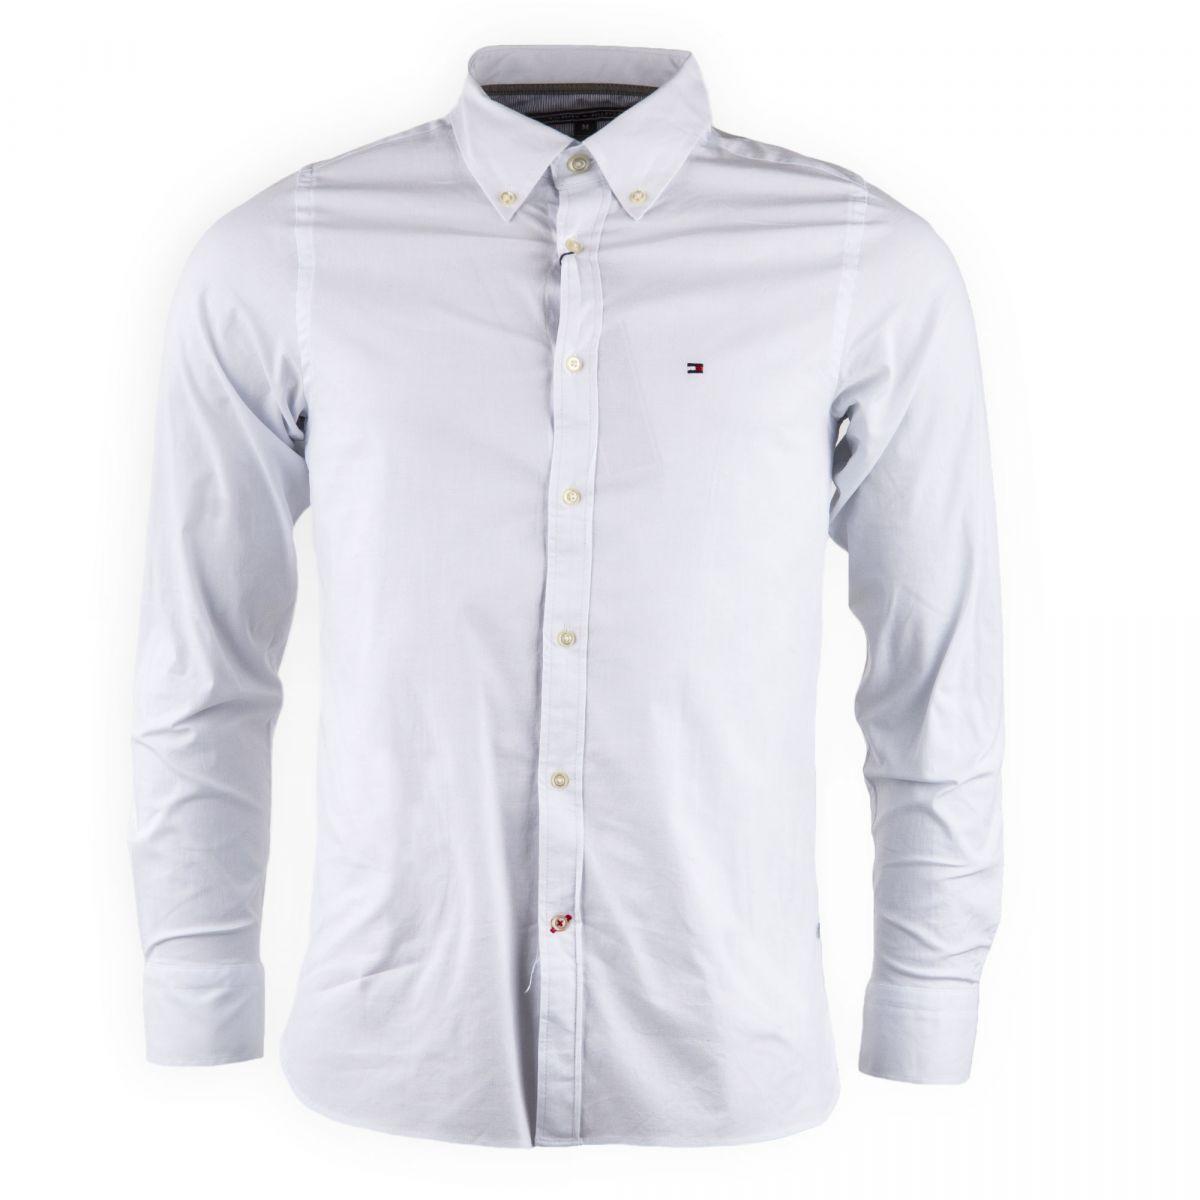 5a79cb0f03c Chemise blanche slim fit Homme TOMMY HILFIGER marque pas cher prix  dégriffés destockage ...